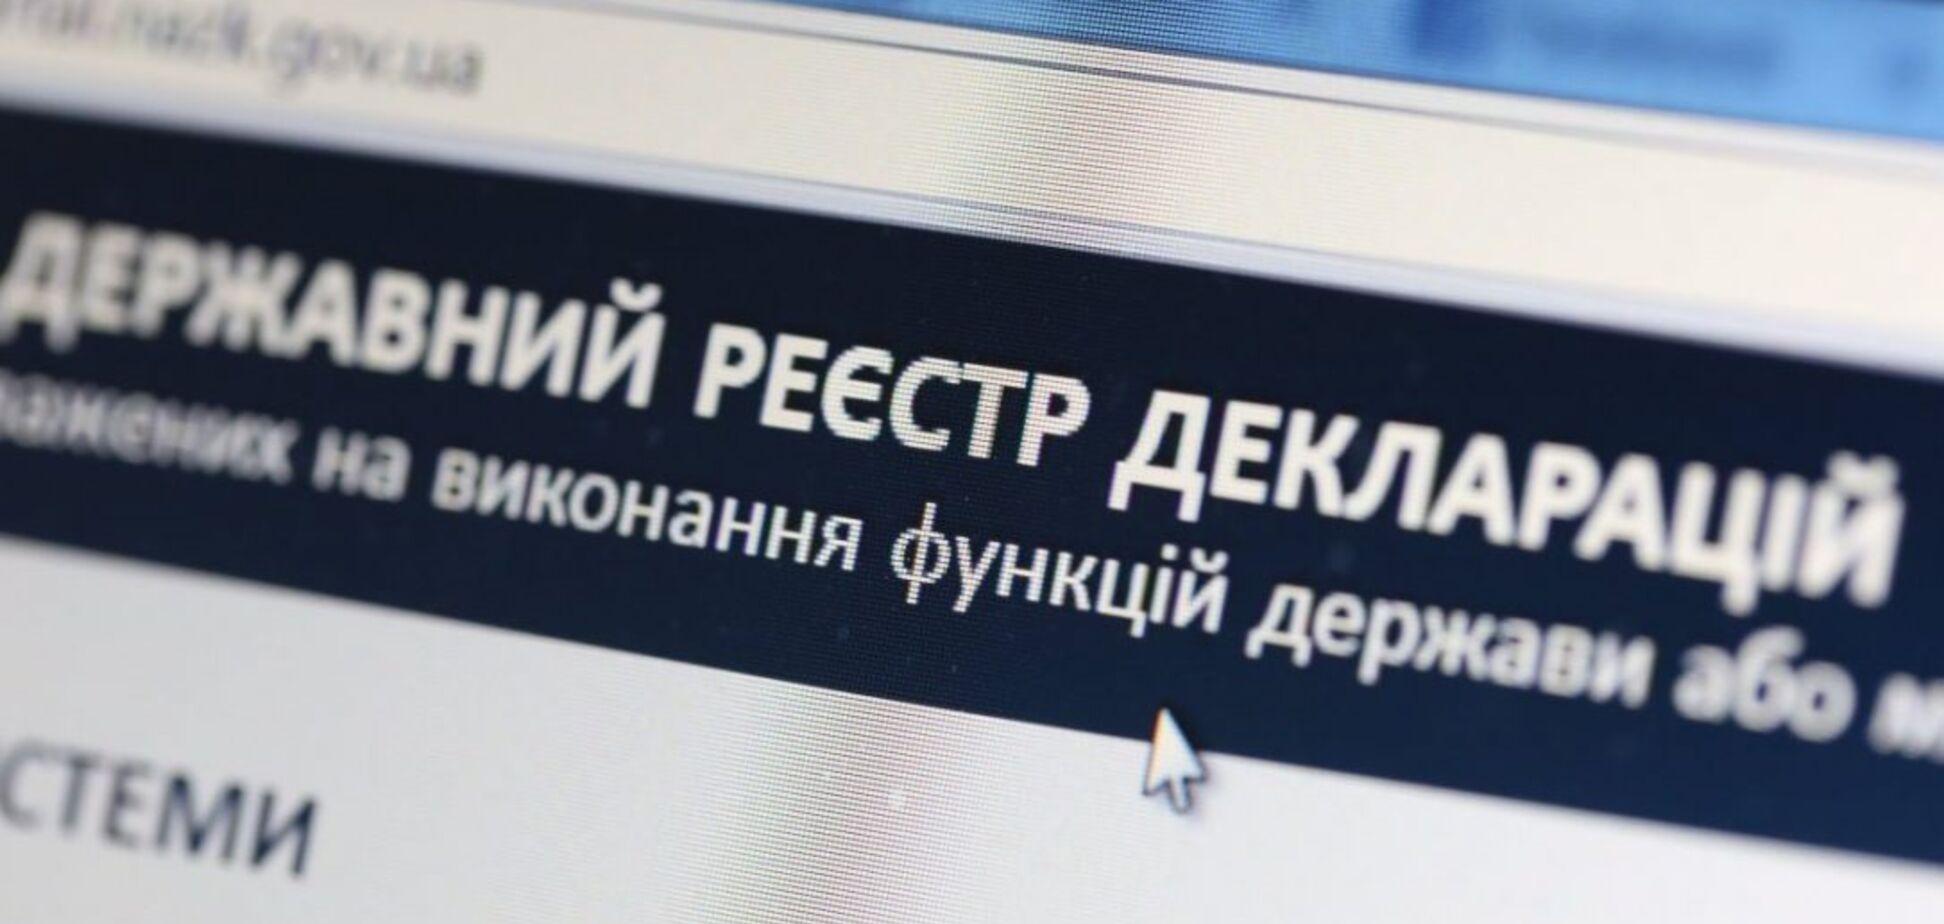 'Информационная война': в конфликте НАПК и НАБУ раcставлены точки над 'і'